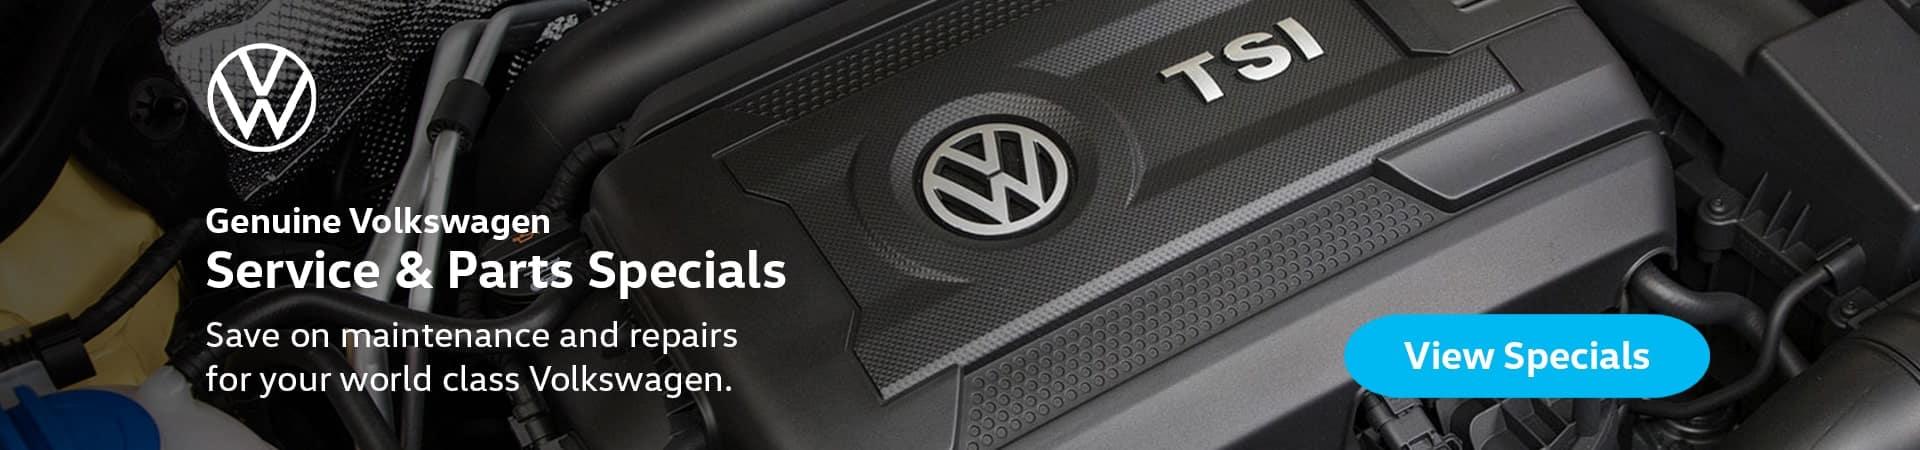 VW Service Specials